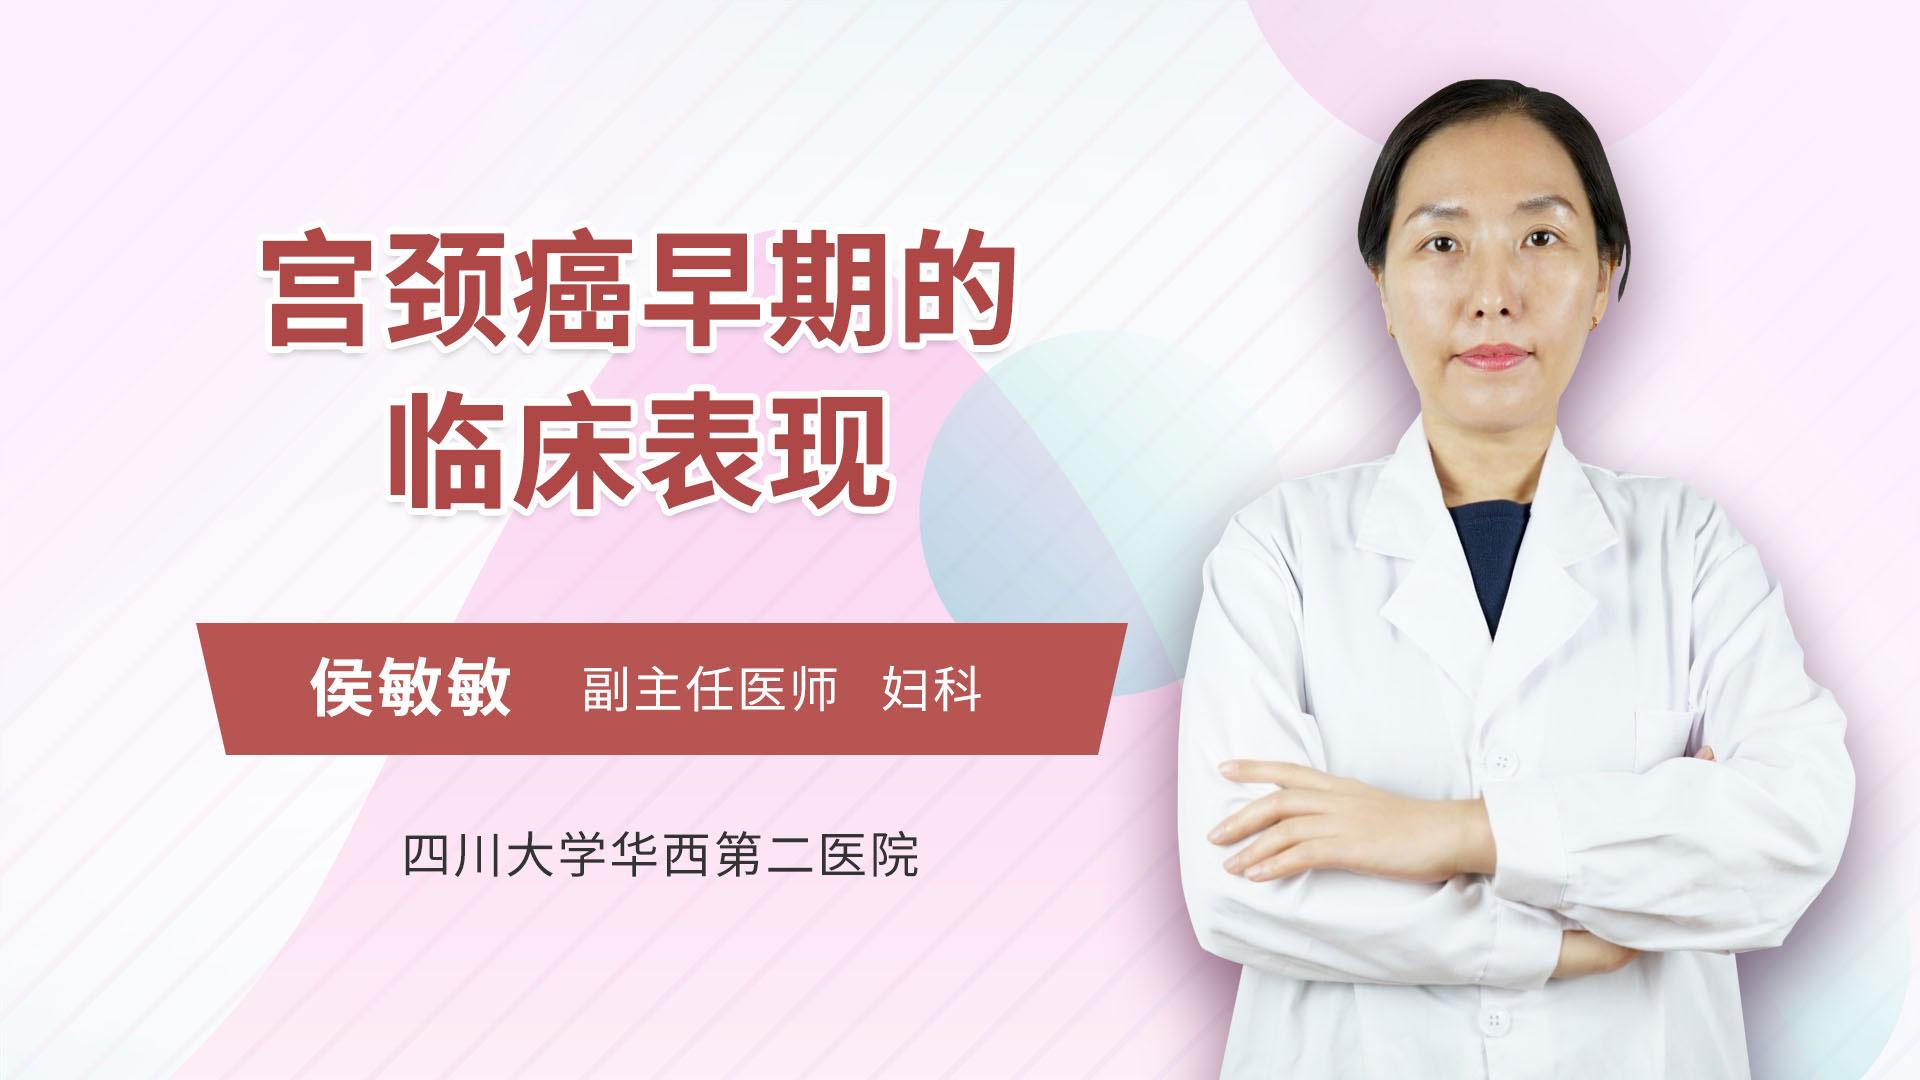 宫颈癌早期的临床表现